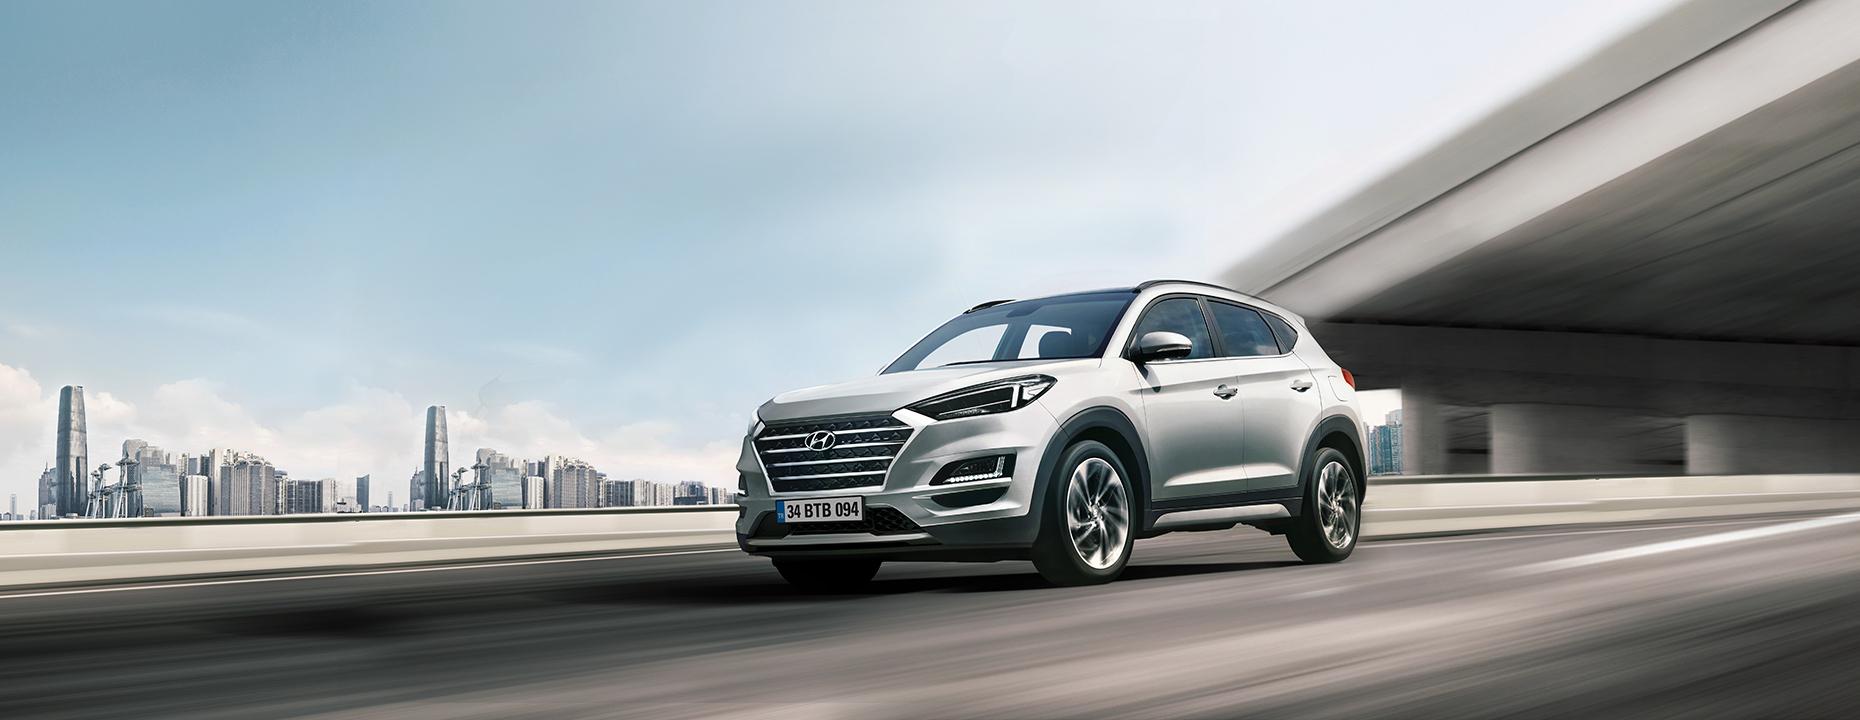 Hyundai | Binek, Suv Ve Ticari Araç Modelleri pour Salon De Jardin Super U 149